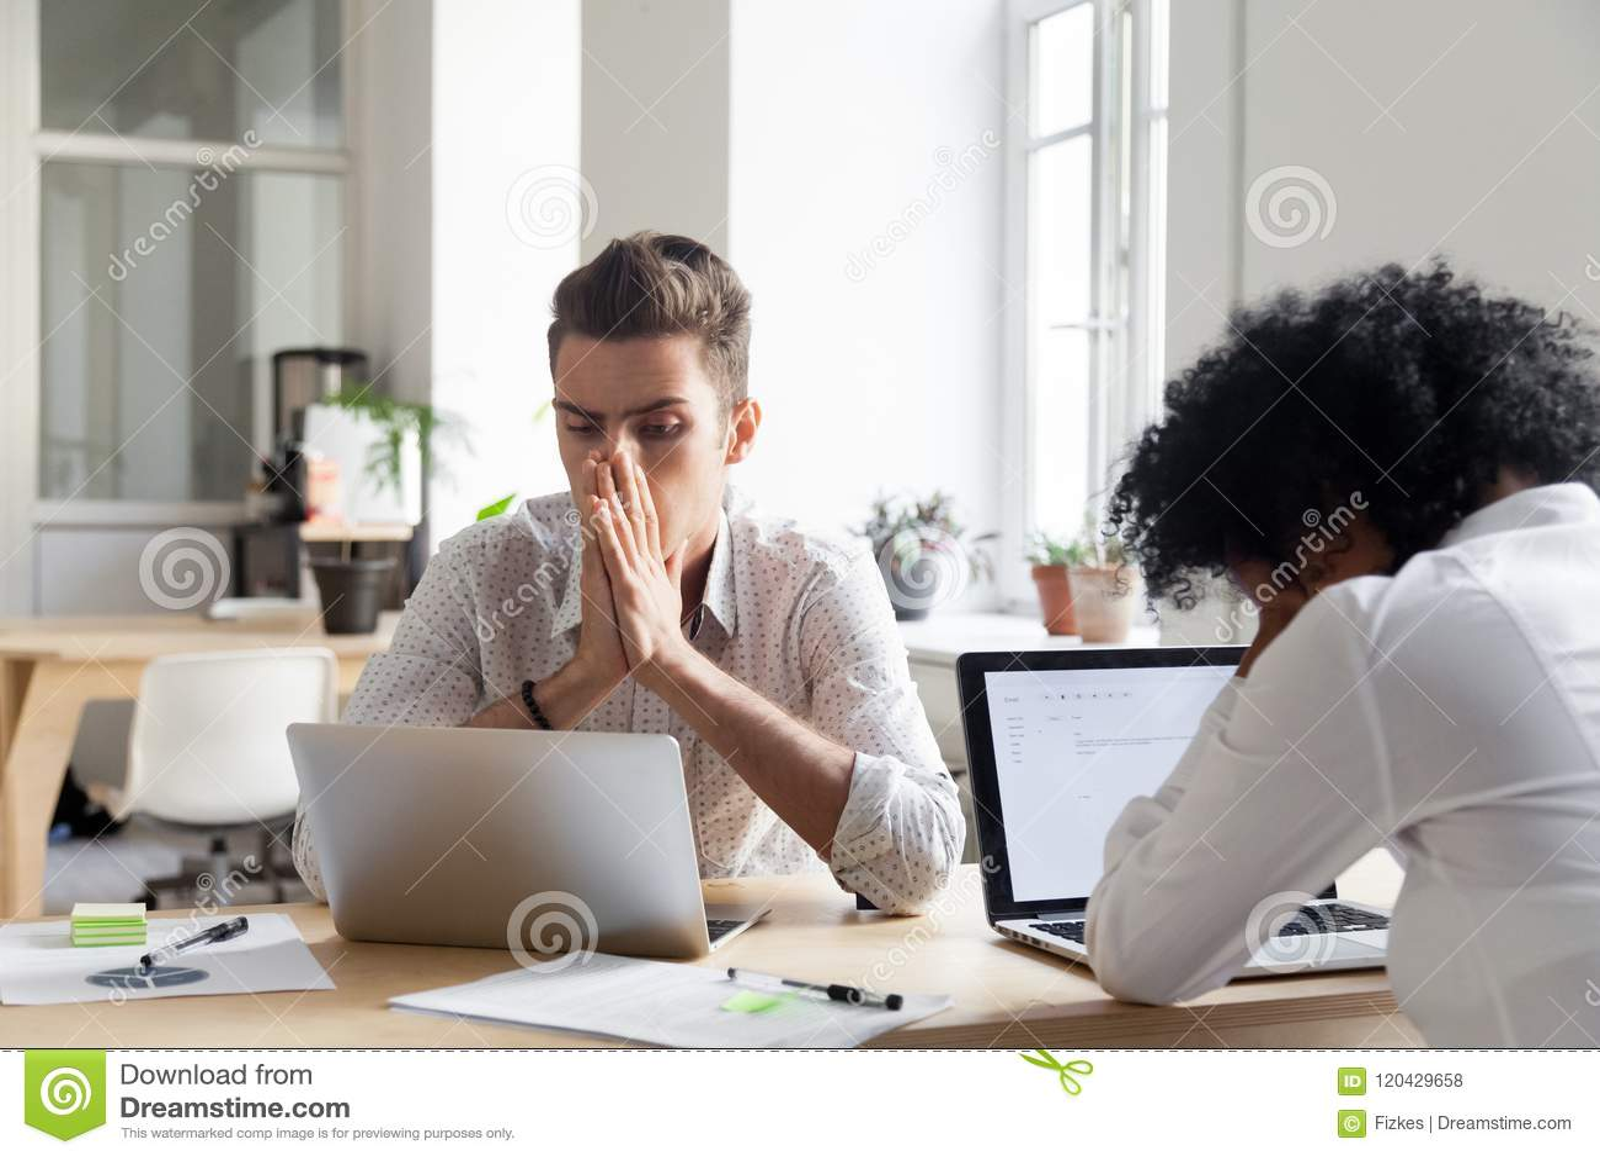 Trabajadores subrayados que leen noticias de la quiebra de compañía en línea